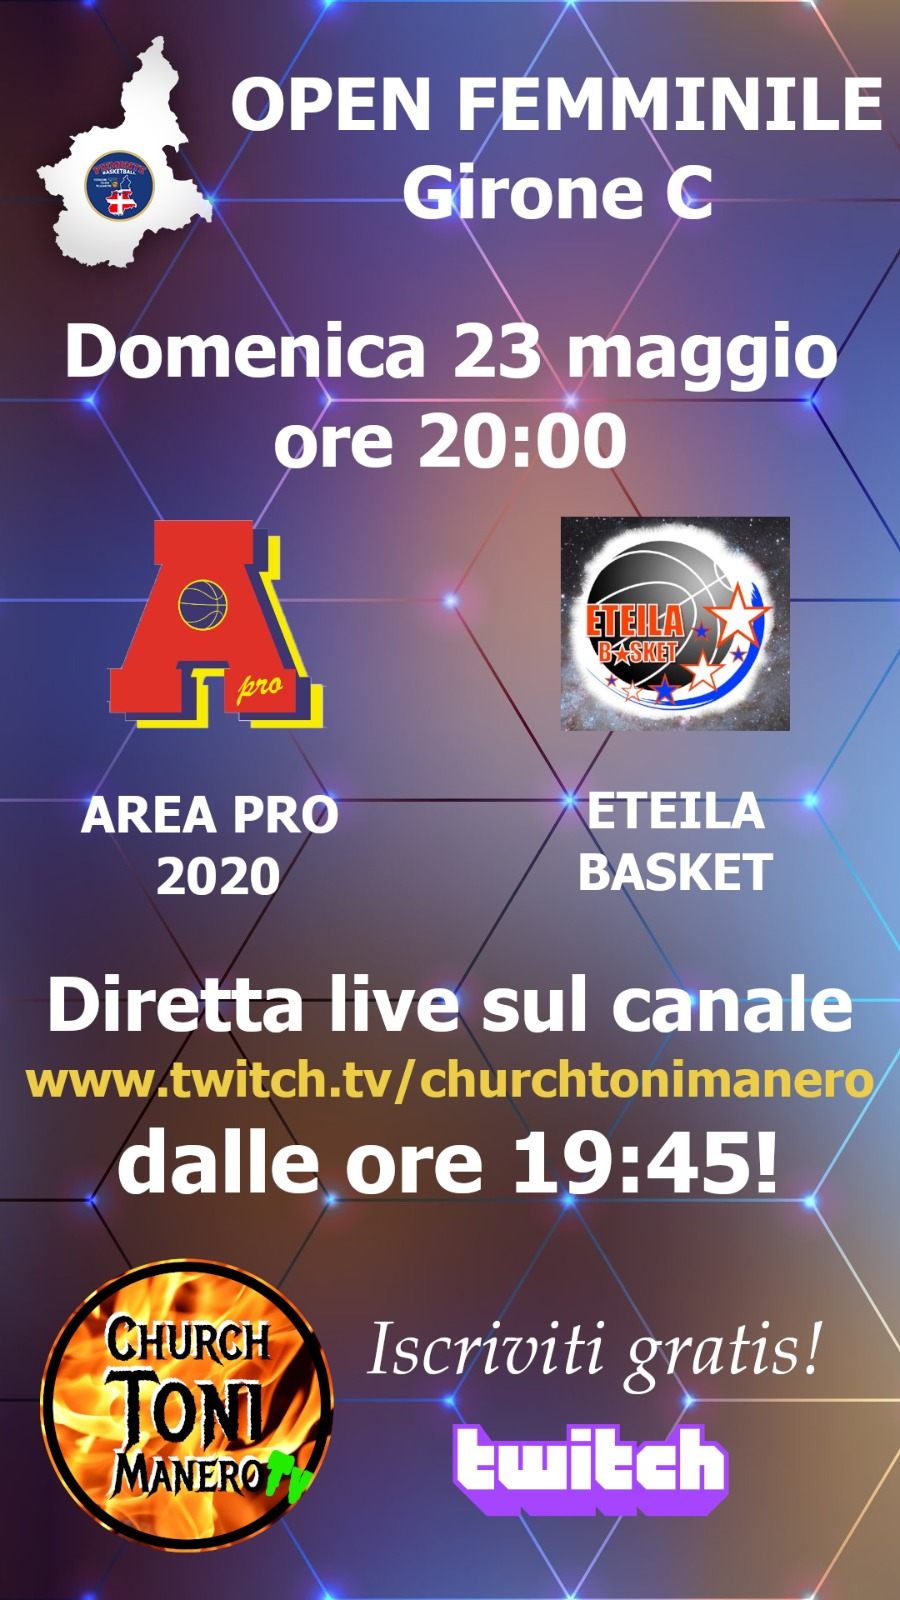 Open Femminile domenica 23 maggio 2021 ospita  Eteila Aosta al Palasangone.